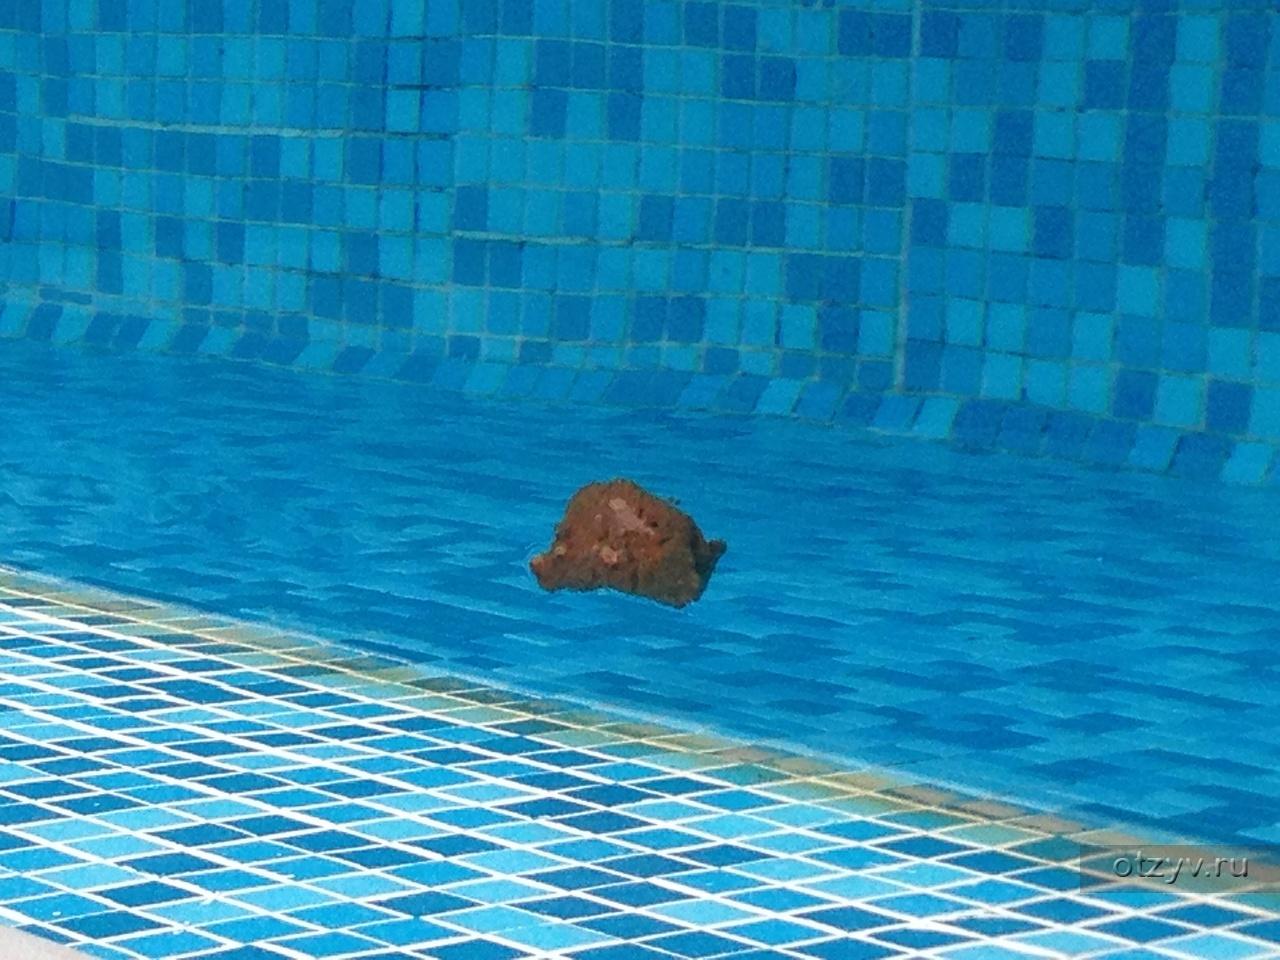 У баб в бассейне фото 2 фотография